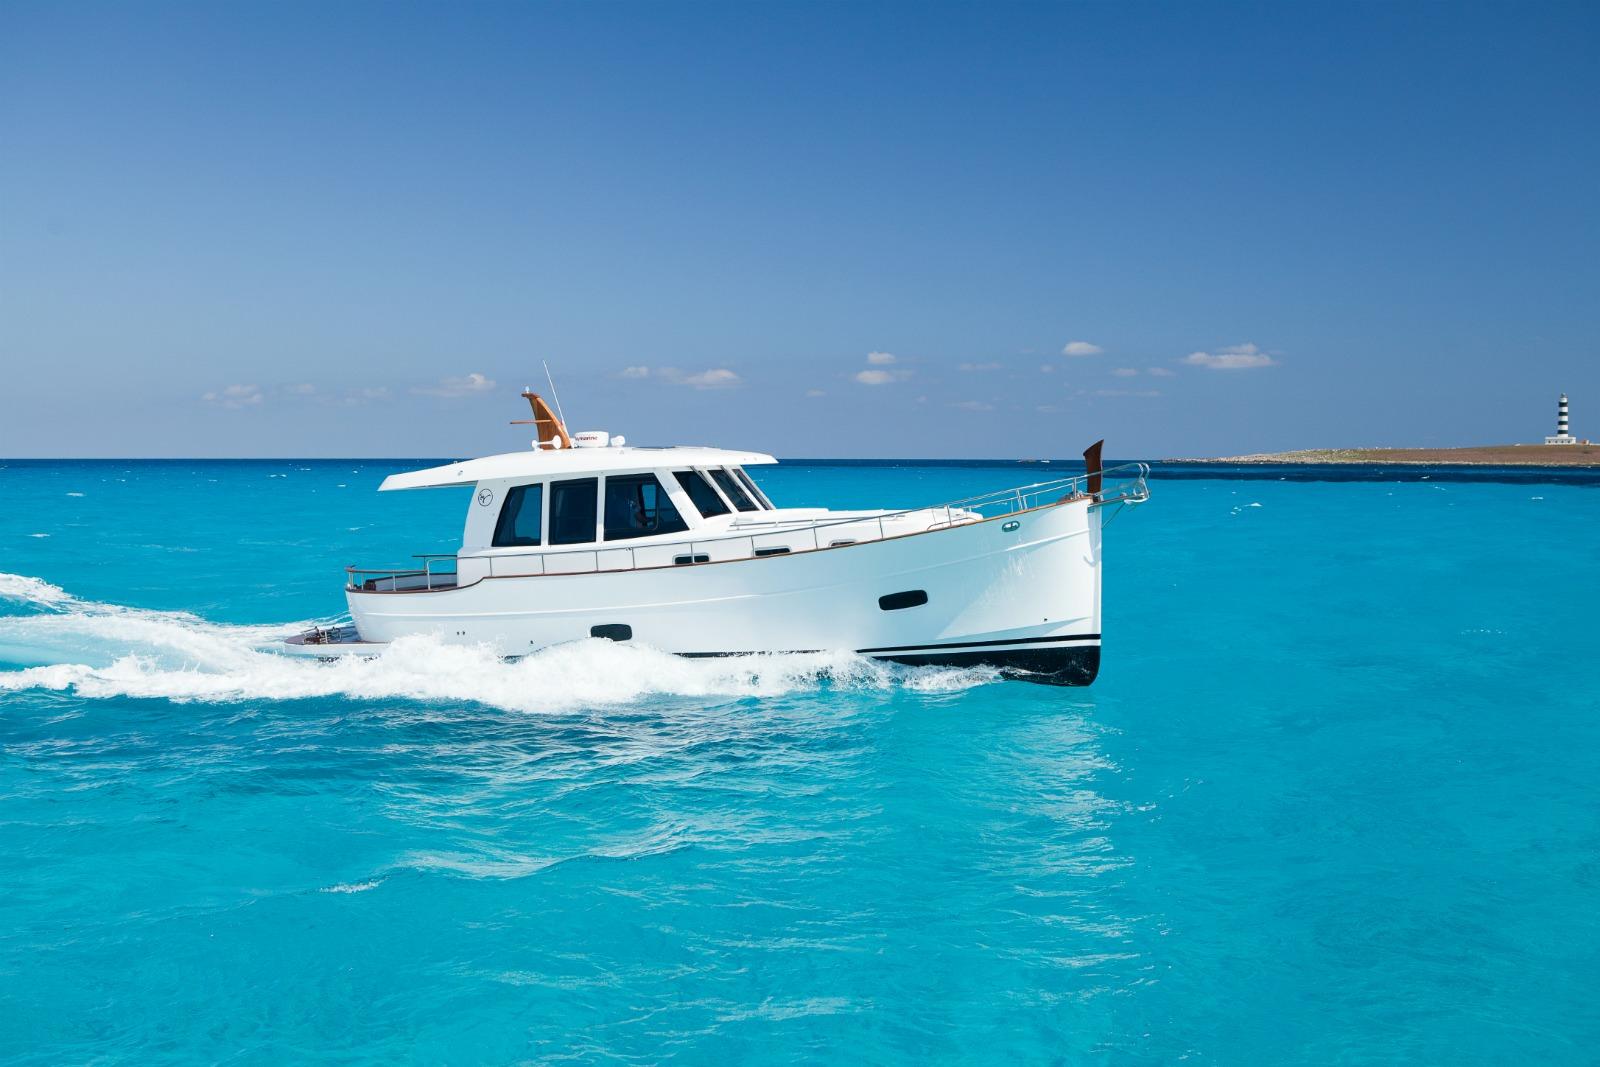 Minorca Islander 42 yacht for sale - underway